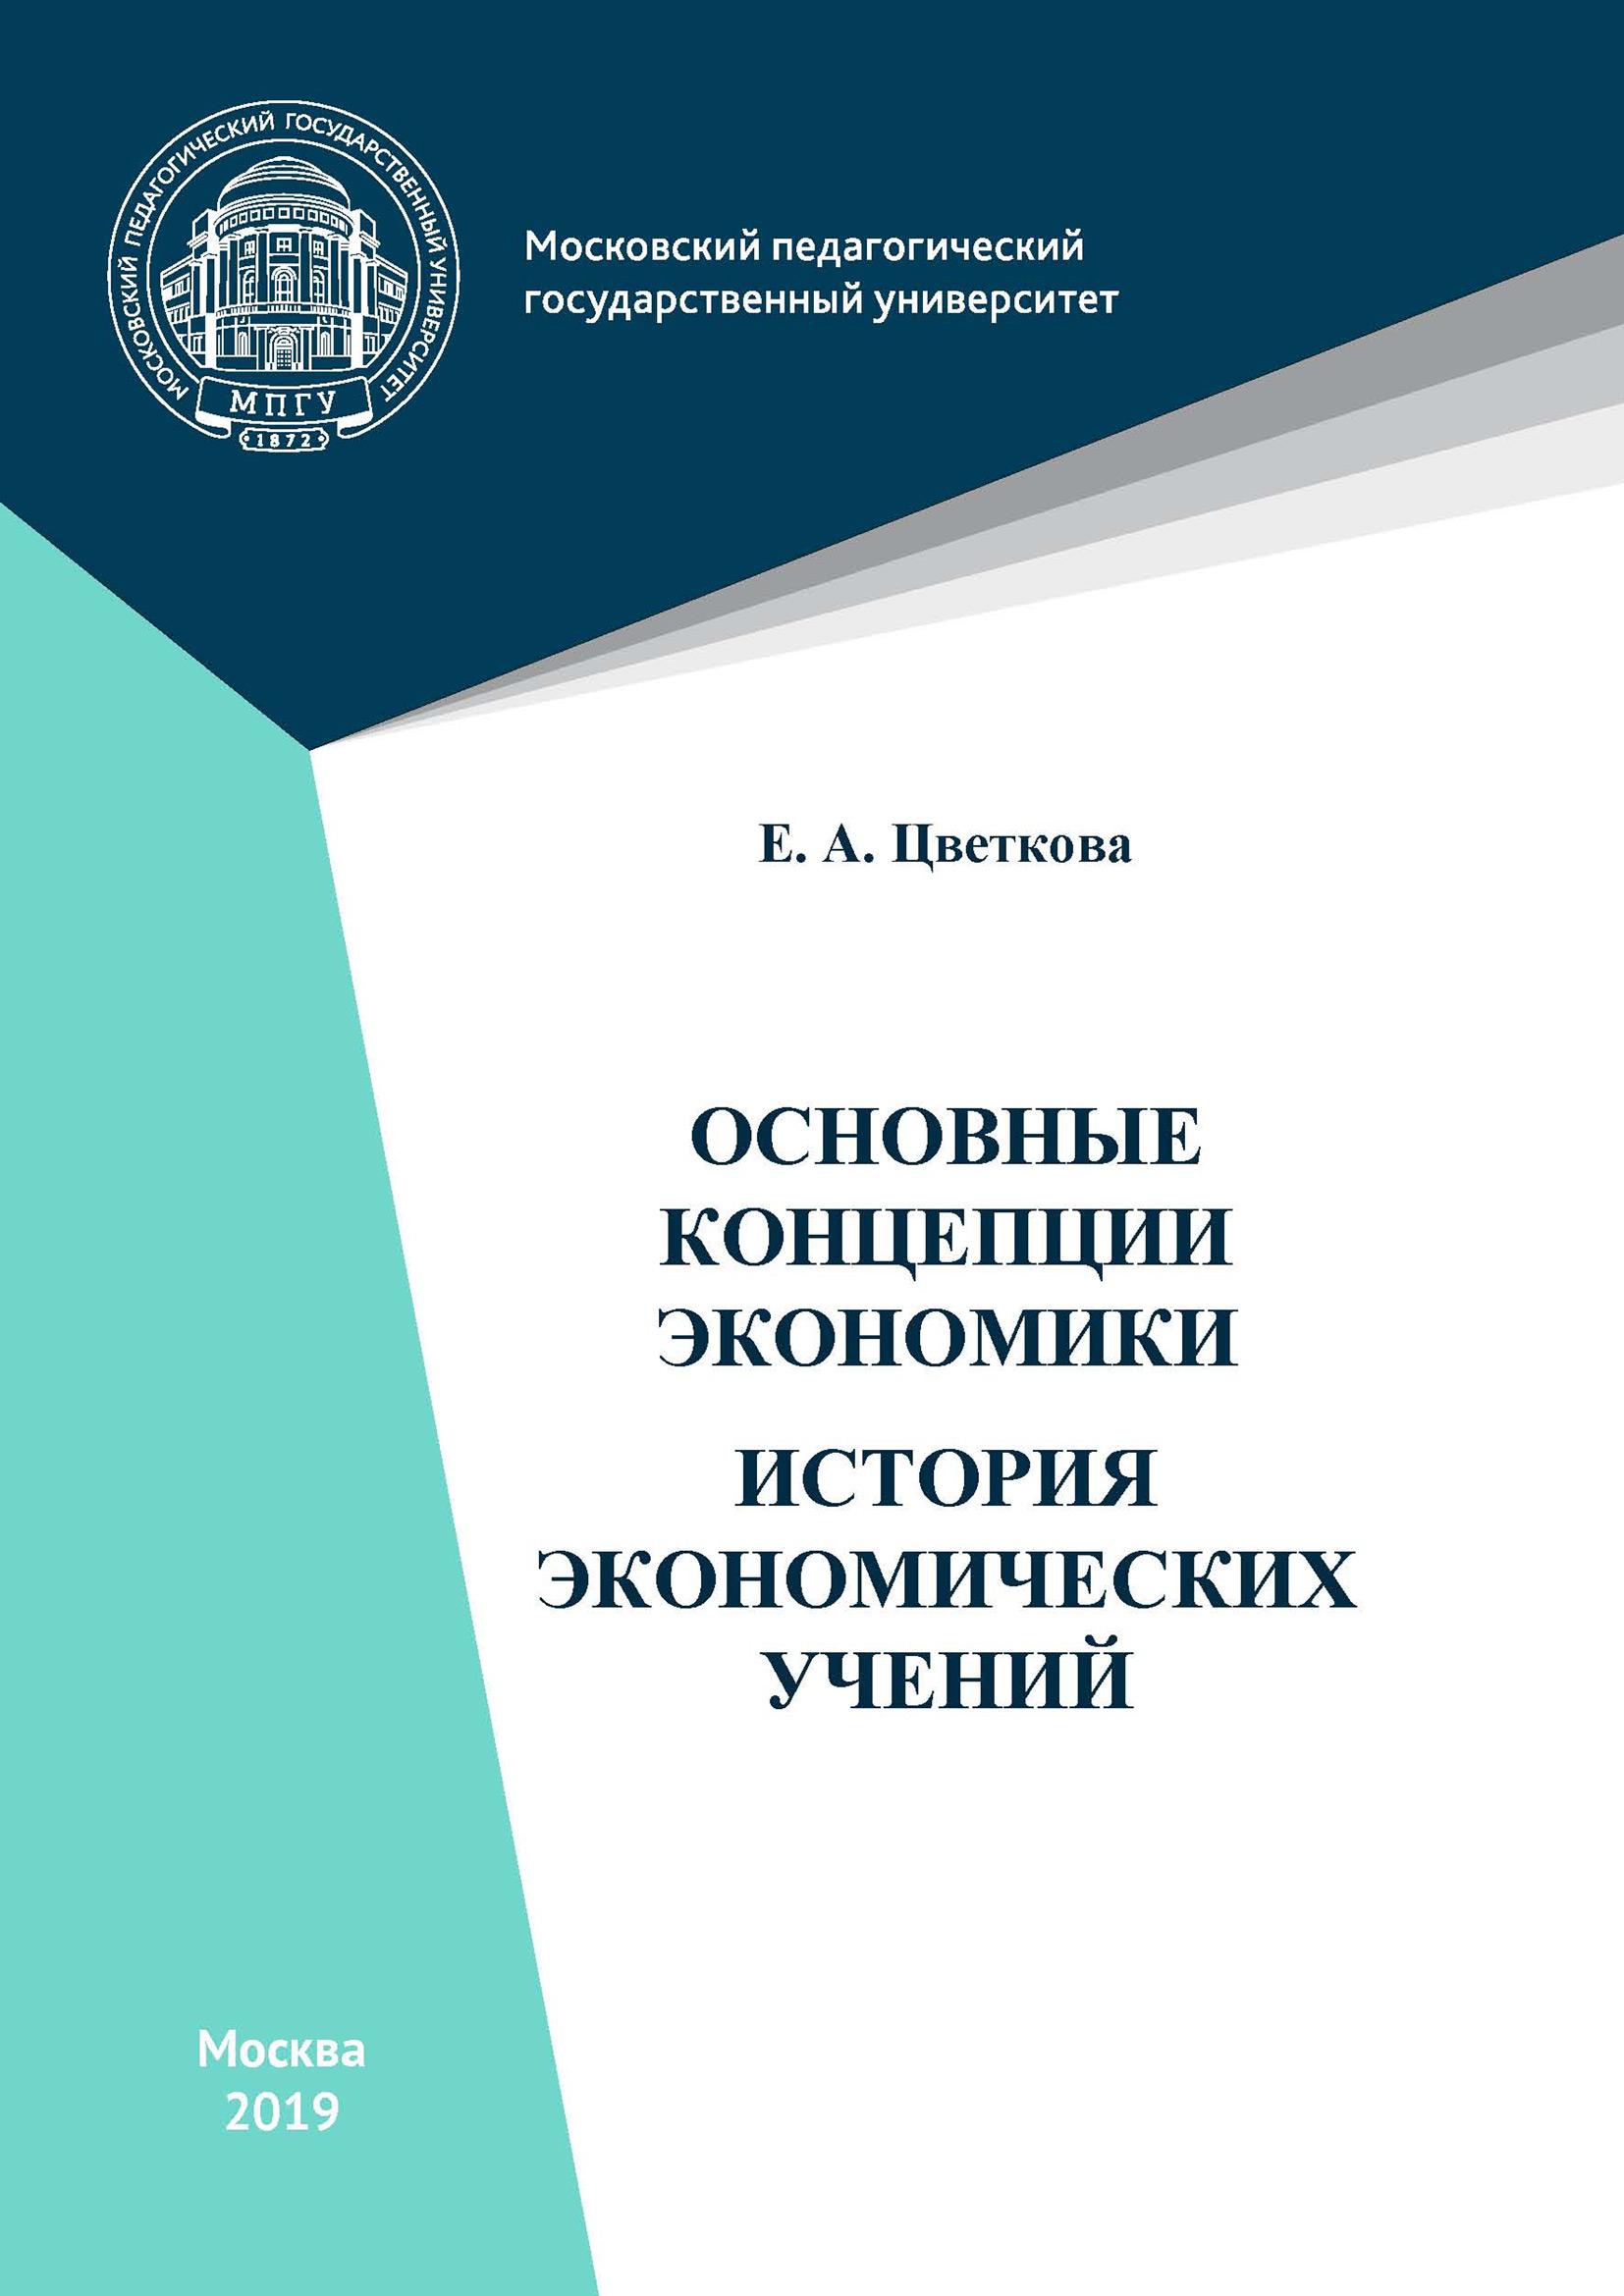 Е. А. Цветкова Основные концепции экономики. История экономических учений